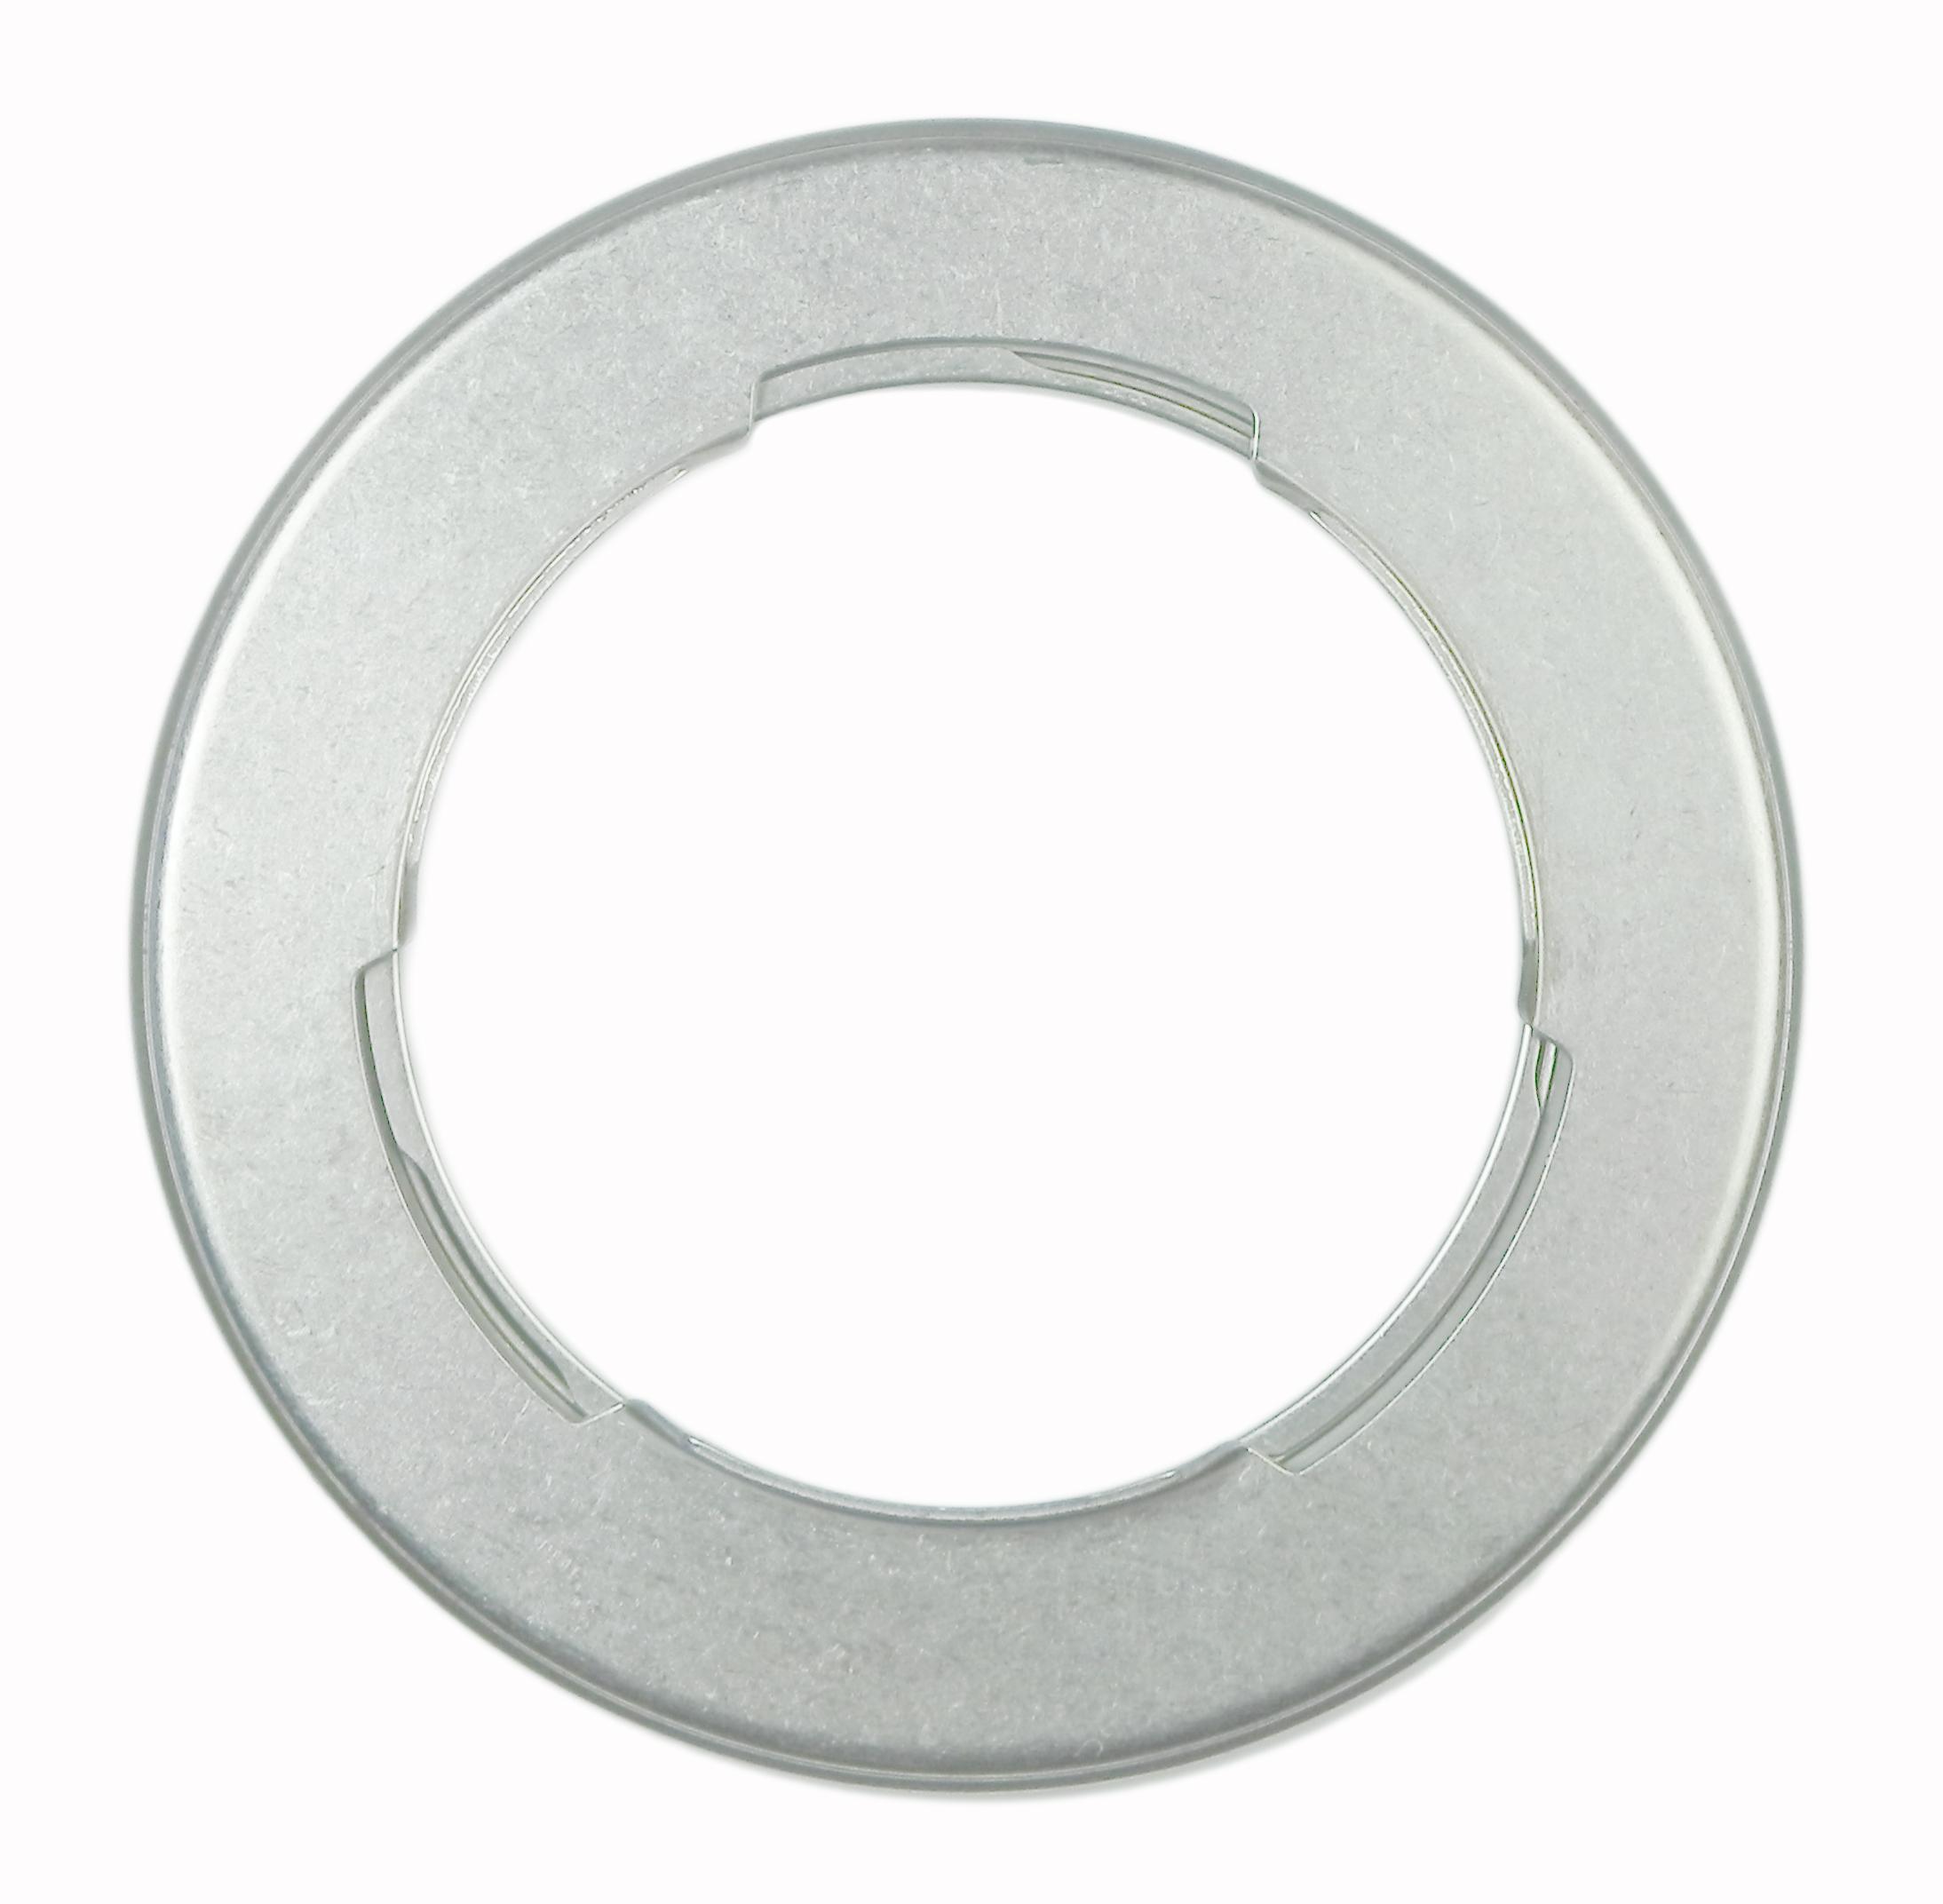 CD4E 10 1/4 (C Pilot Stamp)  Bearing, Enclosed